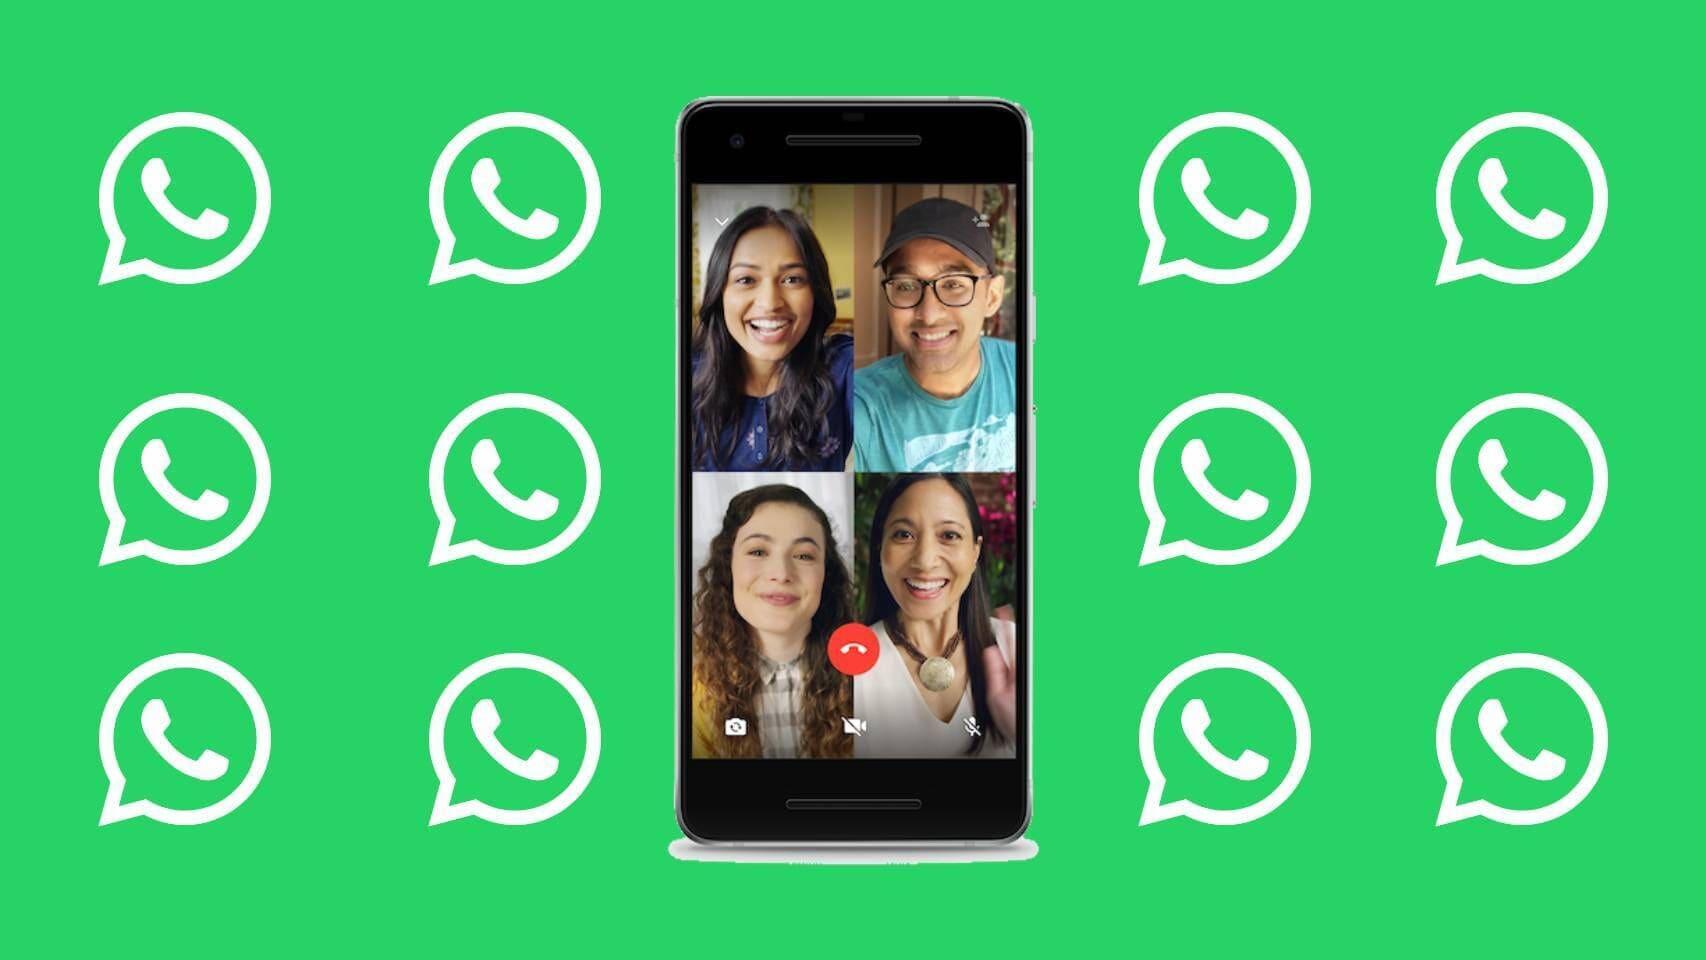 numero-participantes-videollamadas-whatsapp